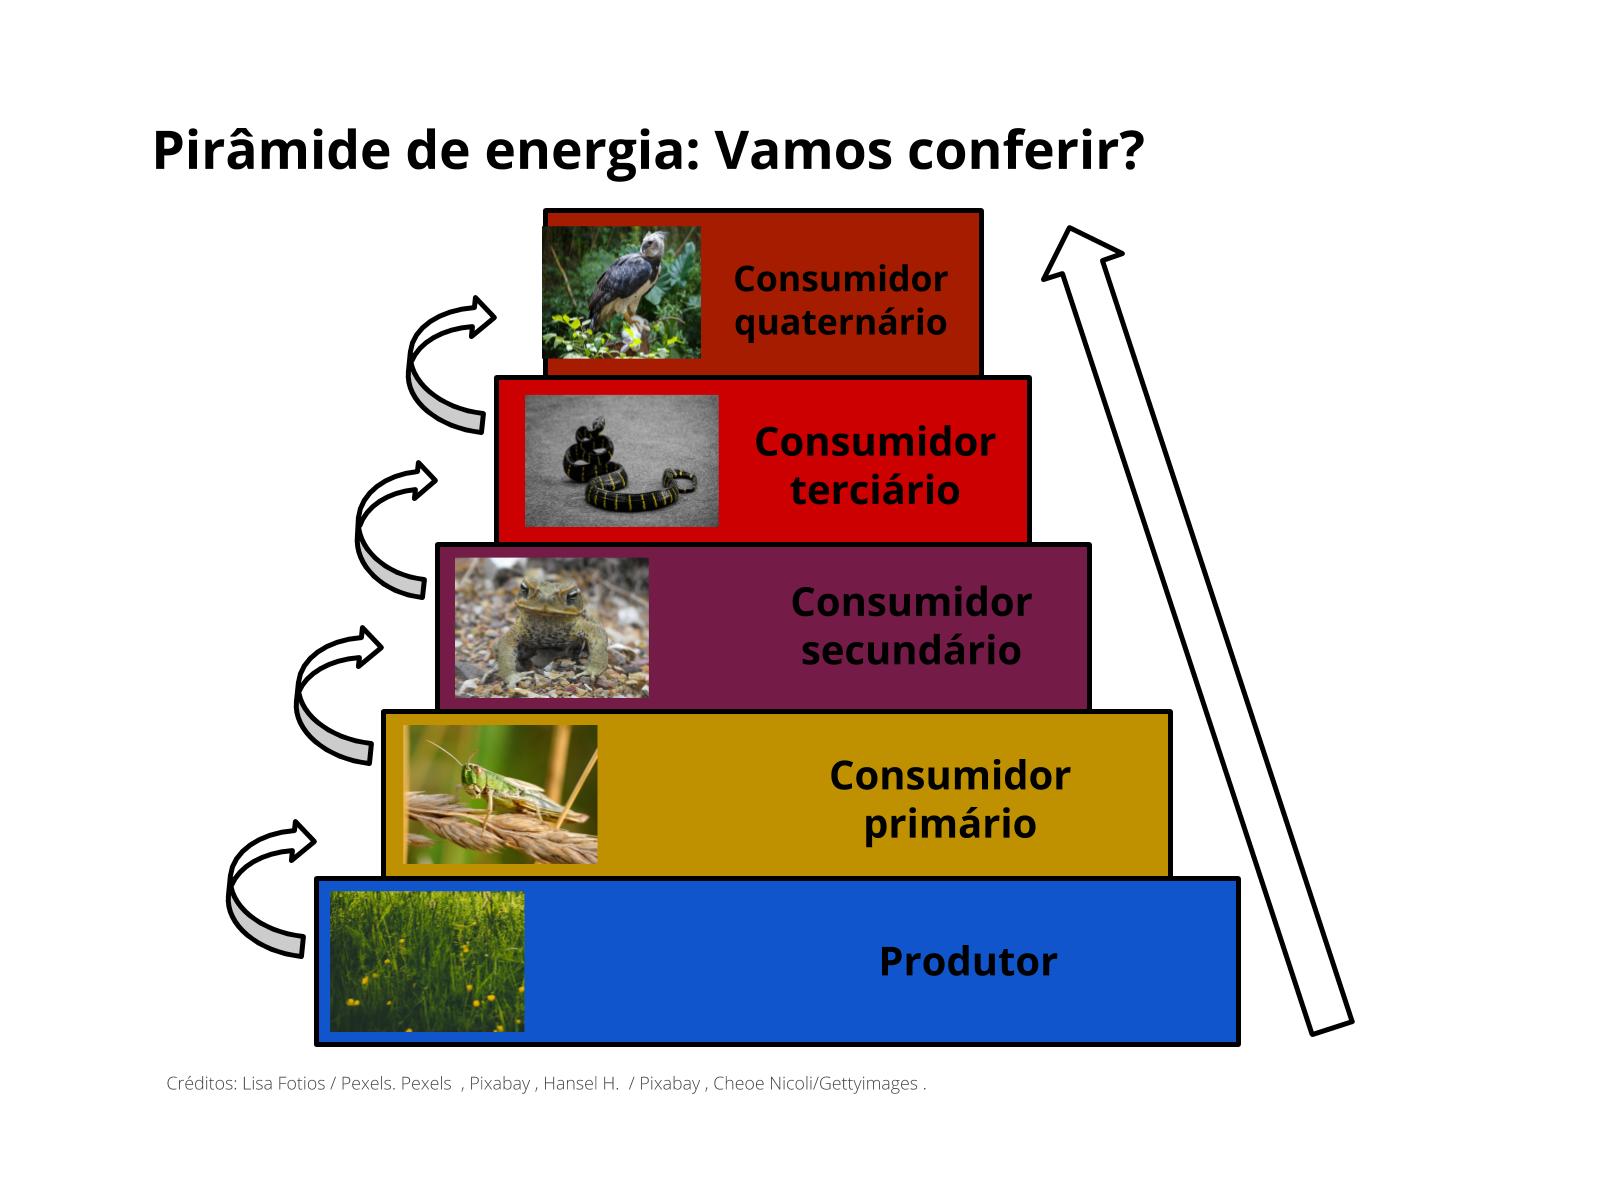 Pirâmide ecológica de energia: o fluxo de energia nas cadeias alimentares